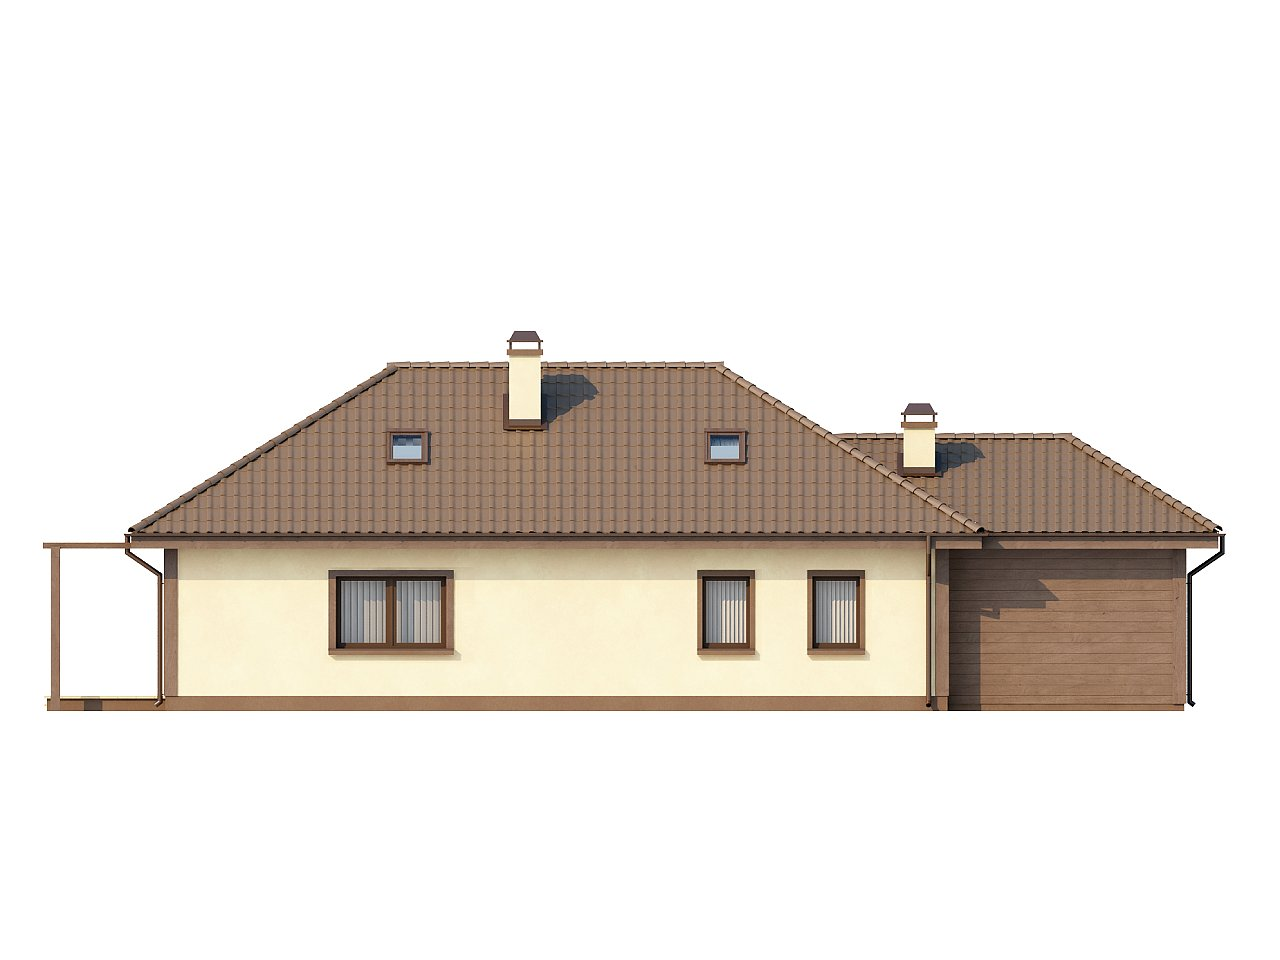 Просторный дом в традиционном стиле с двумя спальнями на мансарде. 4